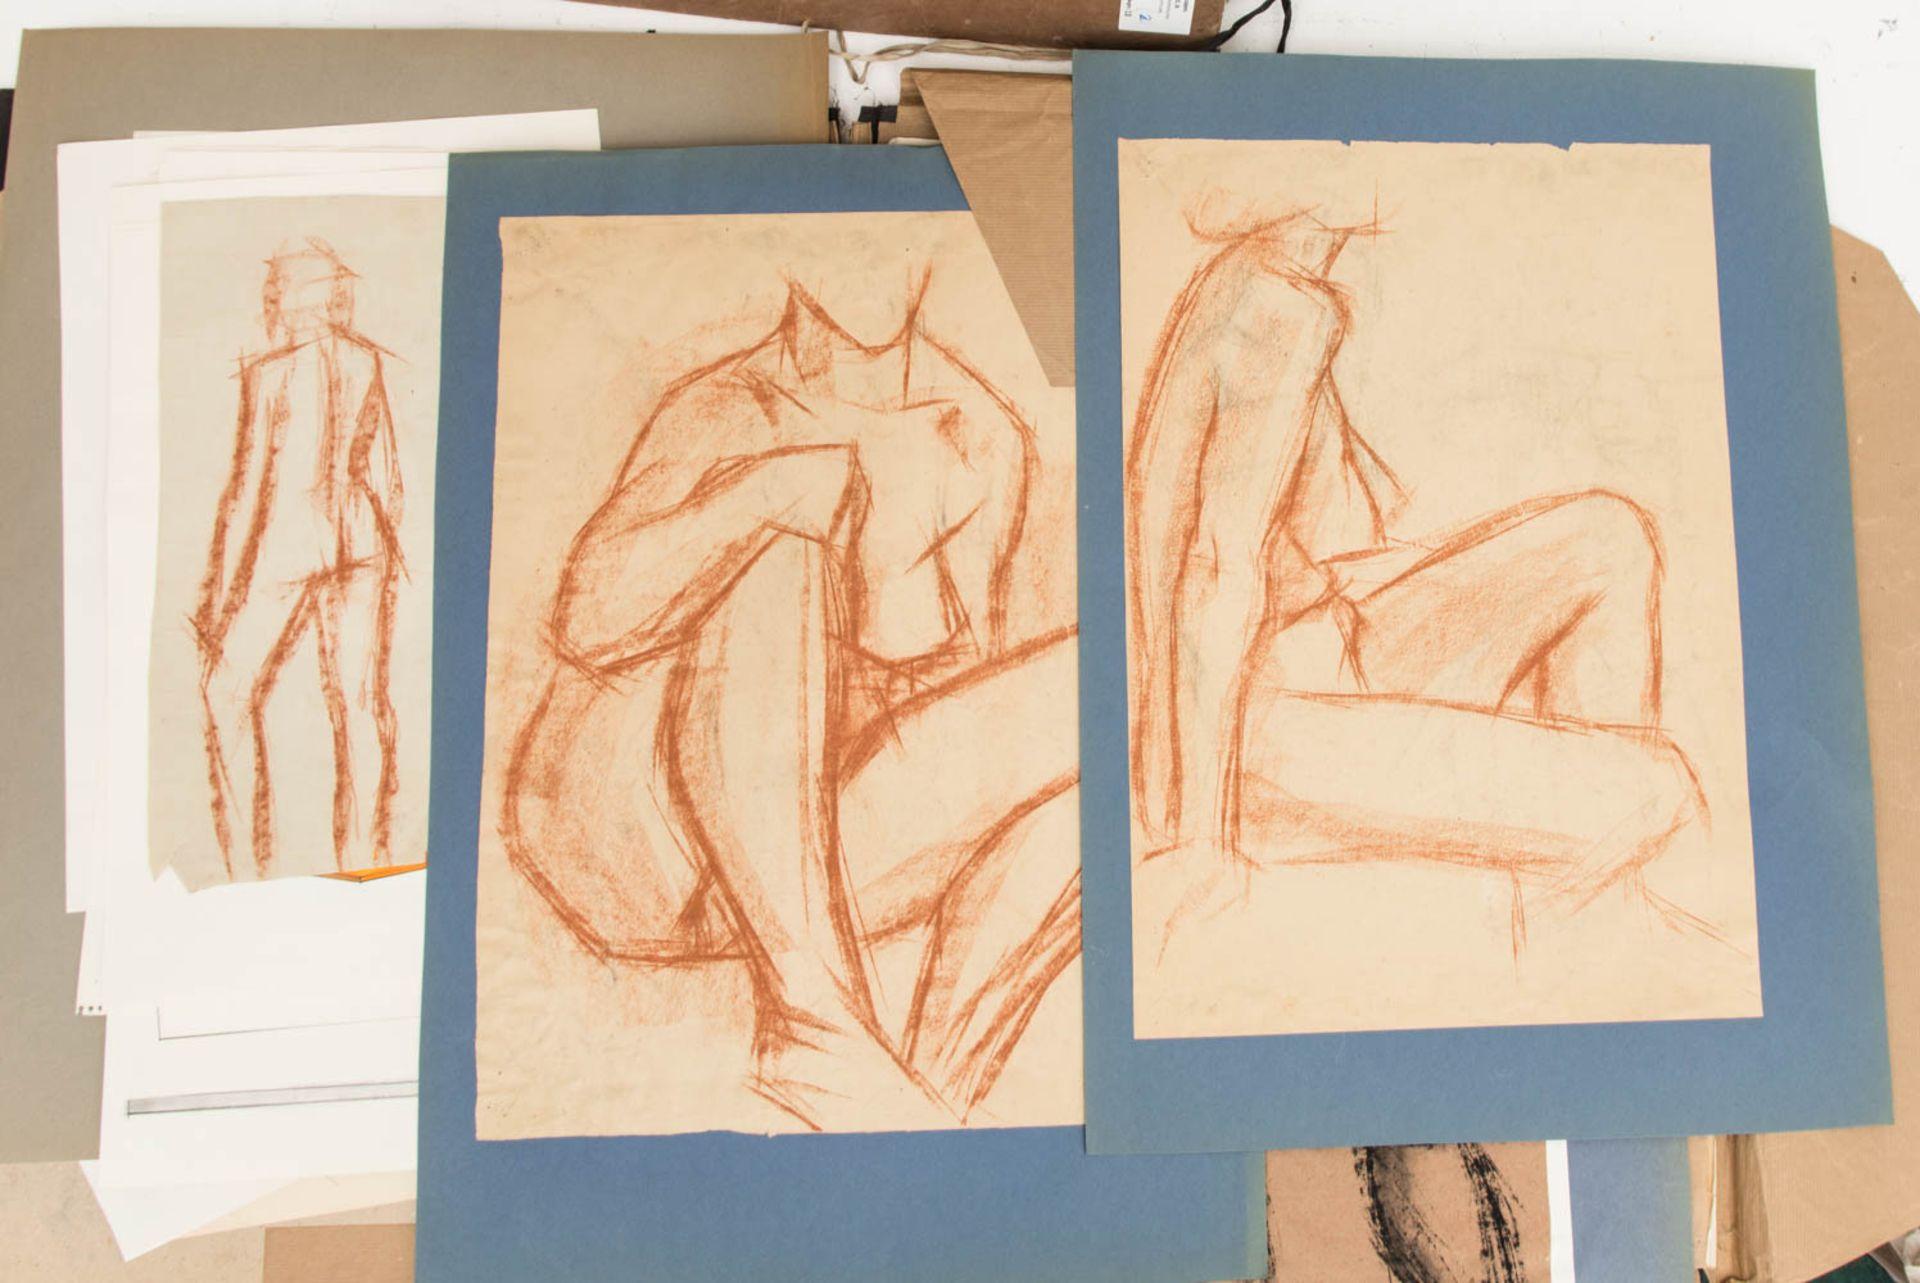 Franz Dreyer, Zwei Grafikmappen, Mischtechniken, Stuttgart 20. Jh.Zwei Mappen mit Akts - Bild 2 aus 3